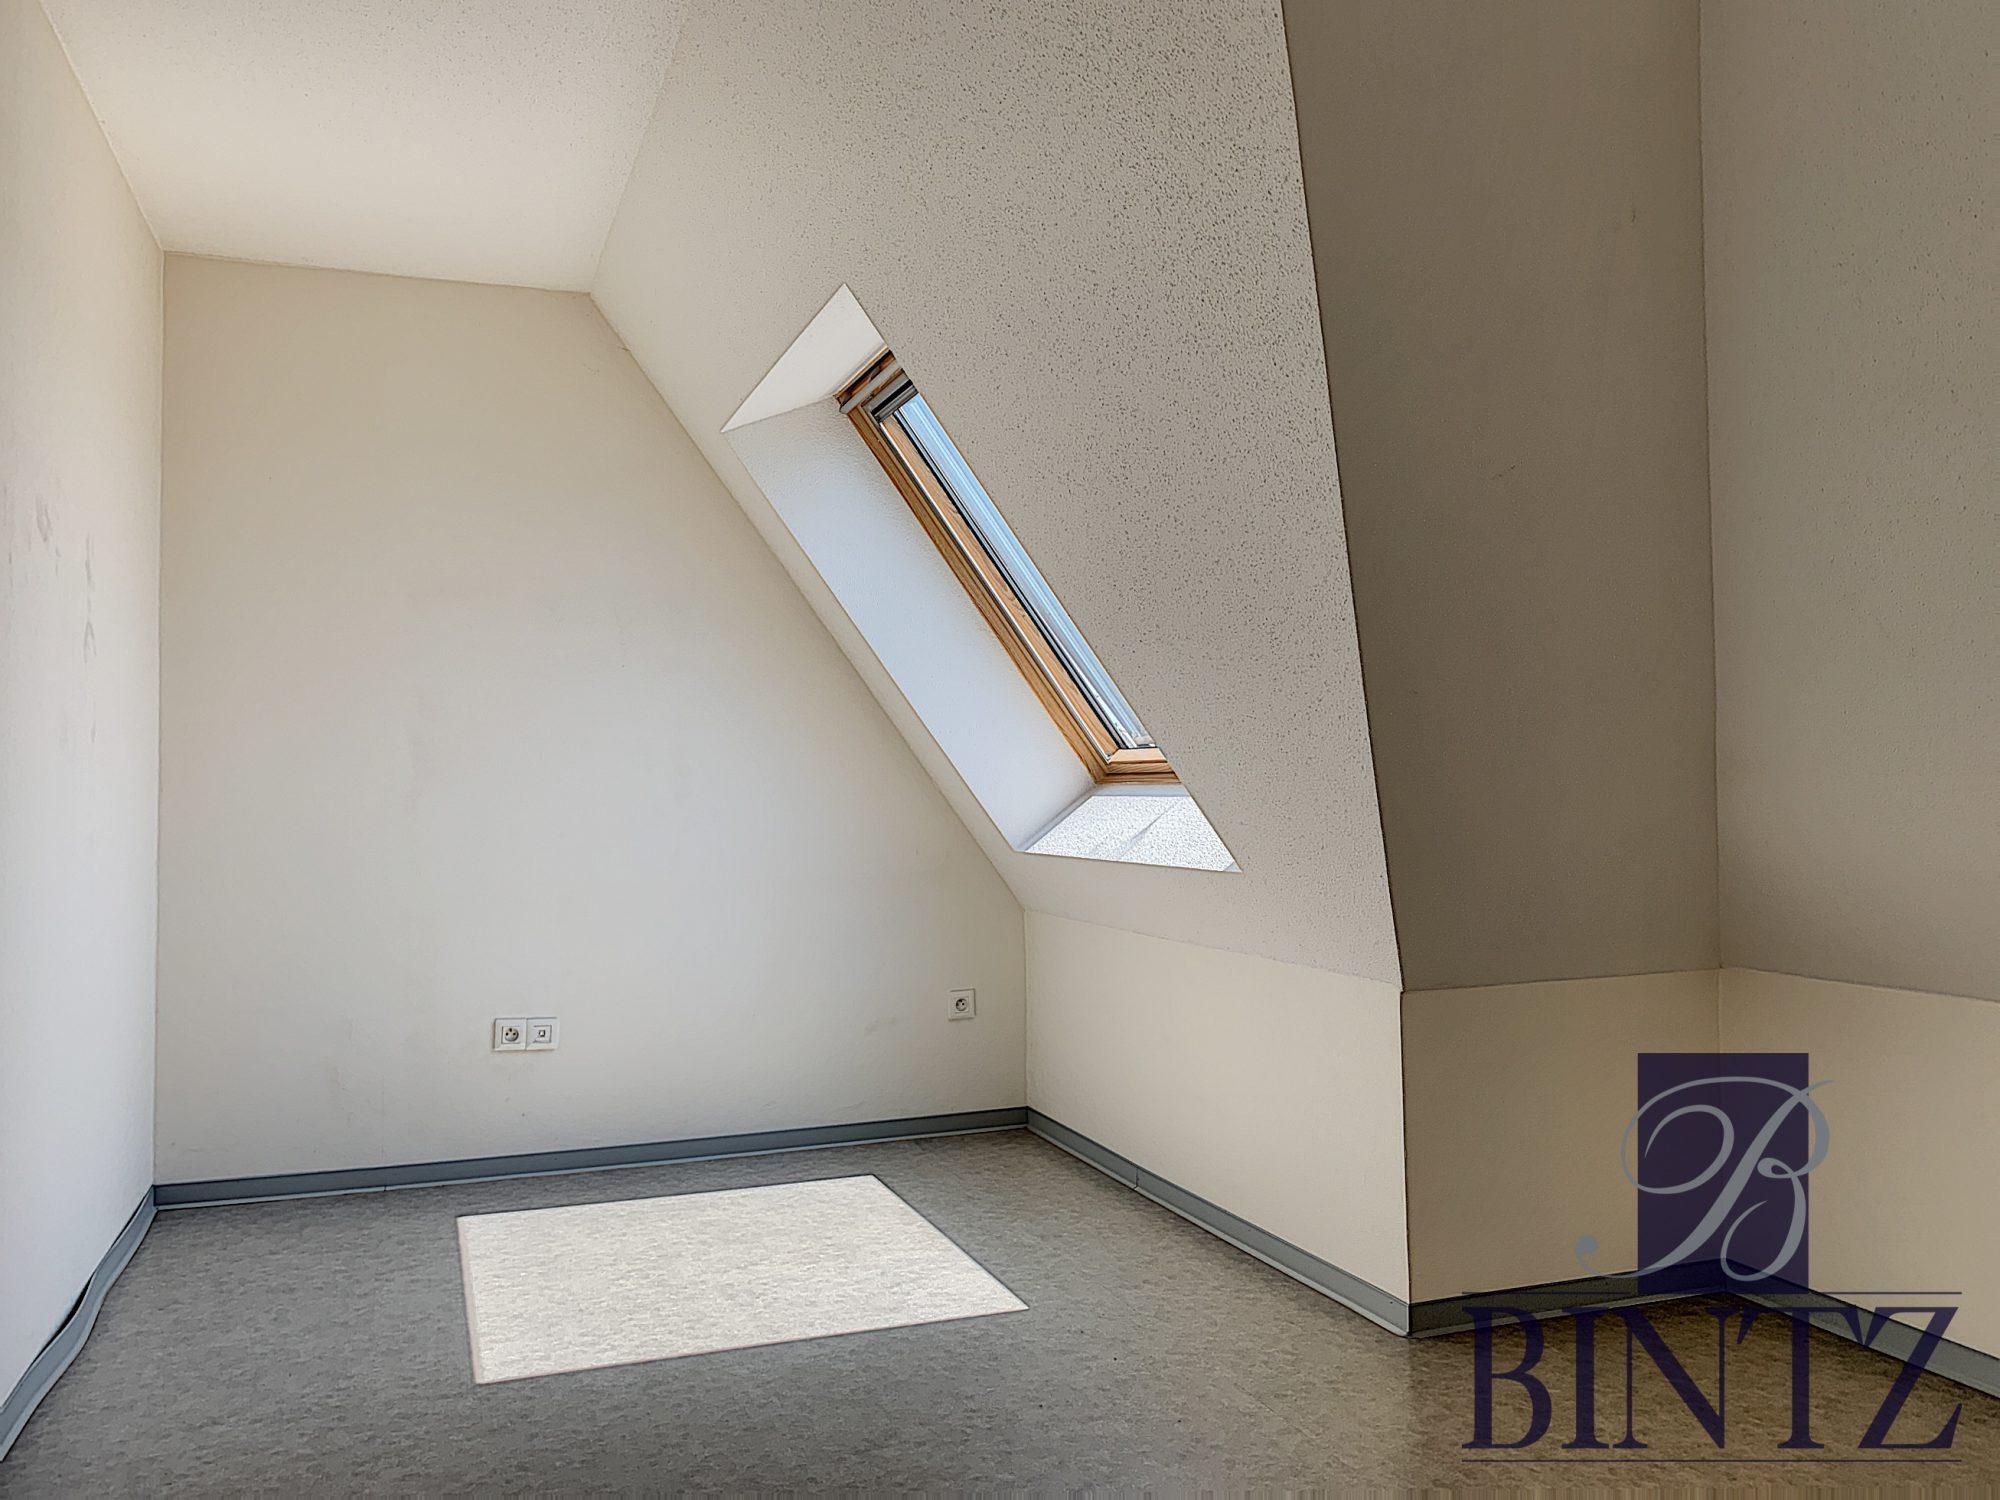 2 PIÈCES AVEC PARKING SCHILTIGHEIM - Devenez propriétaire en toute confiance - Bintz Immobilier - 8